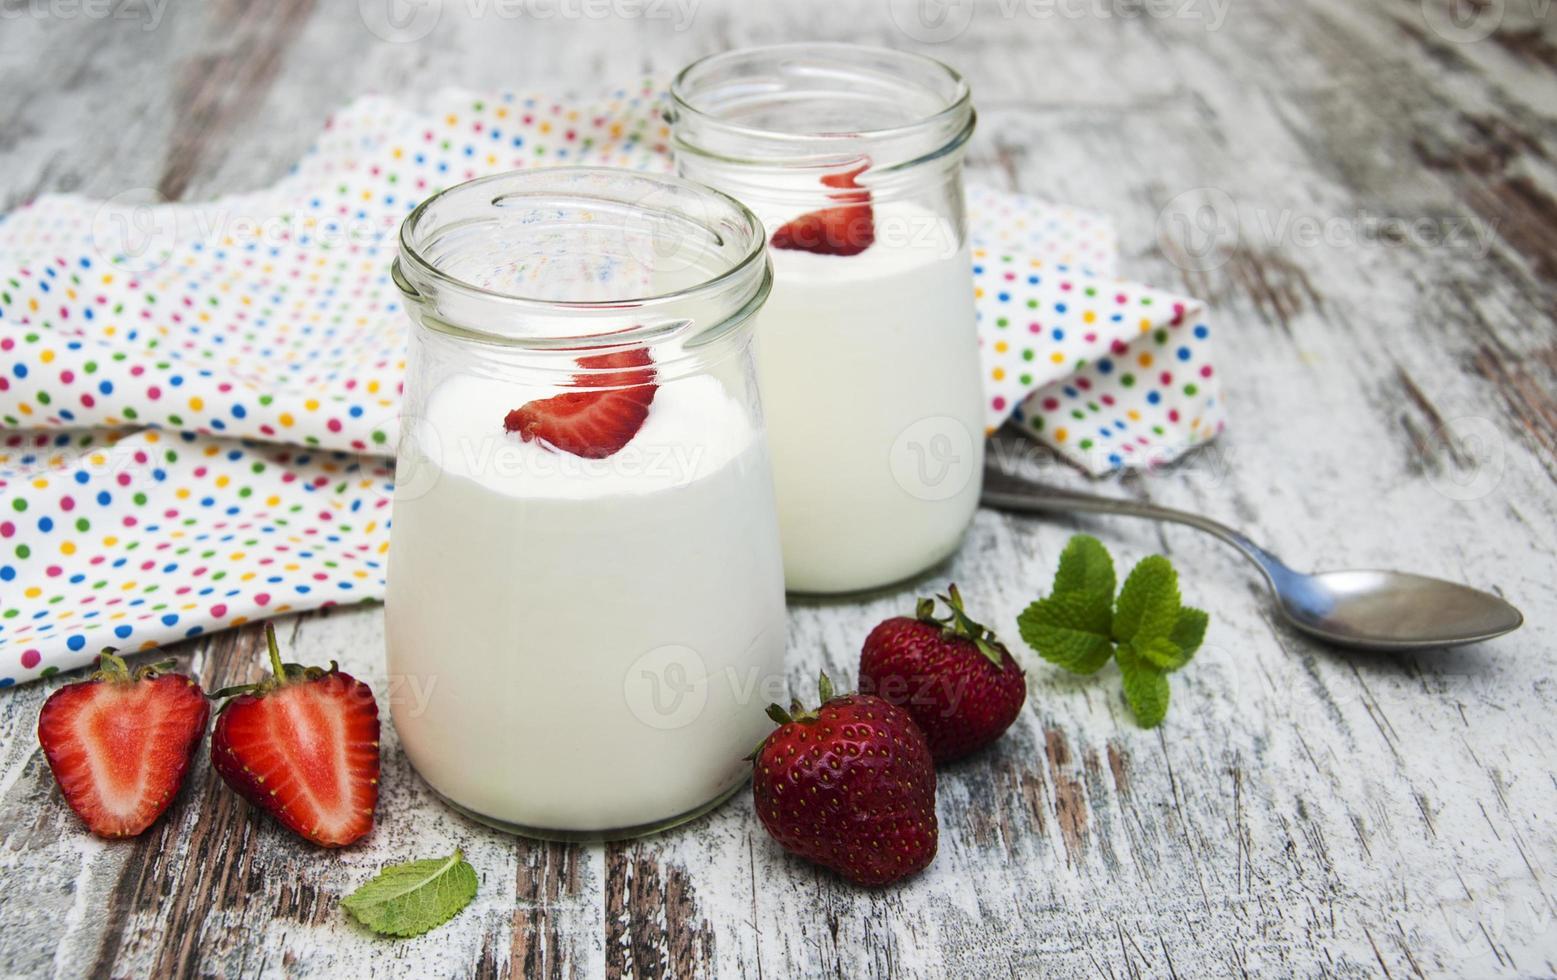 iogurte de morango com morangos frescos foto